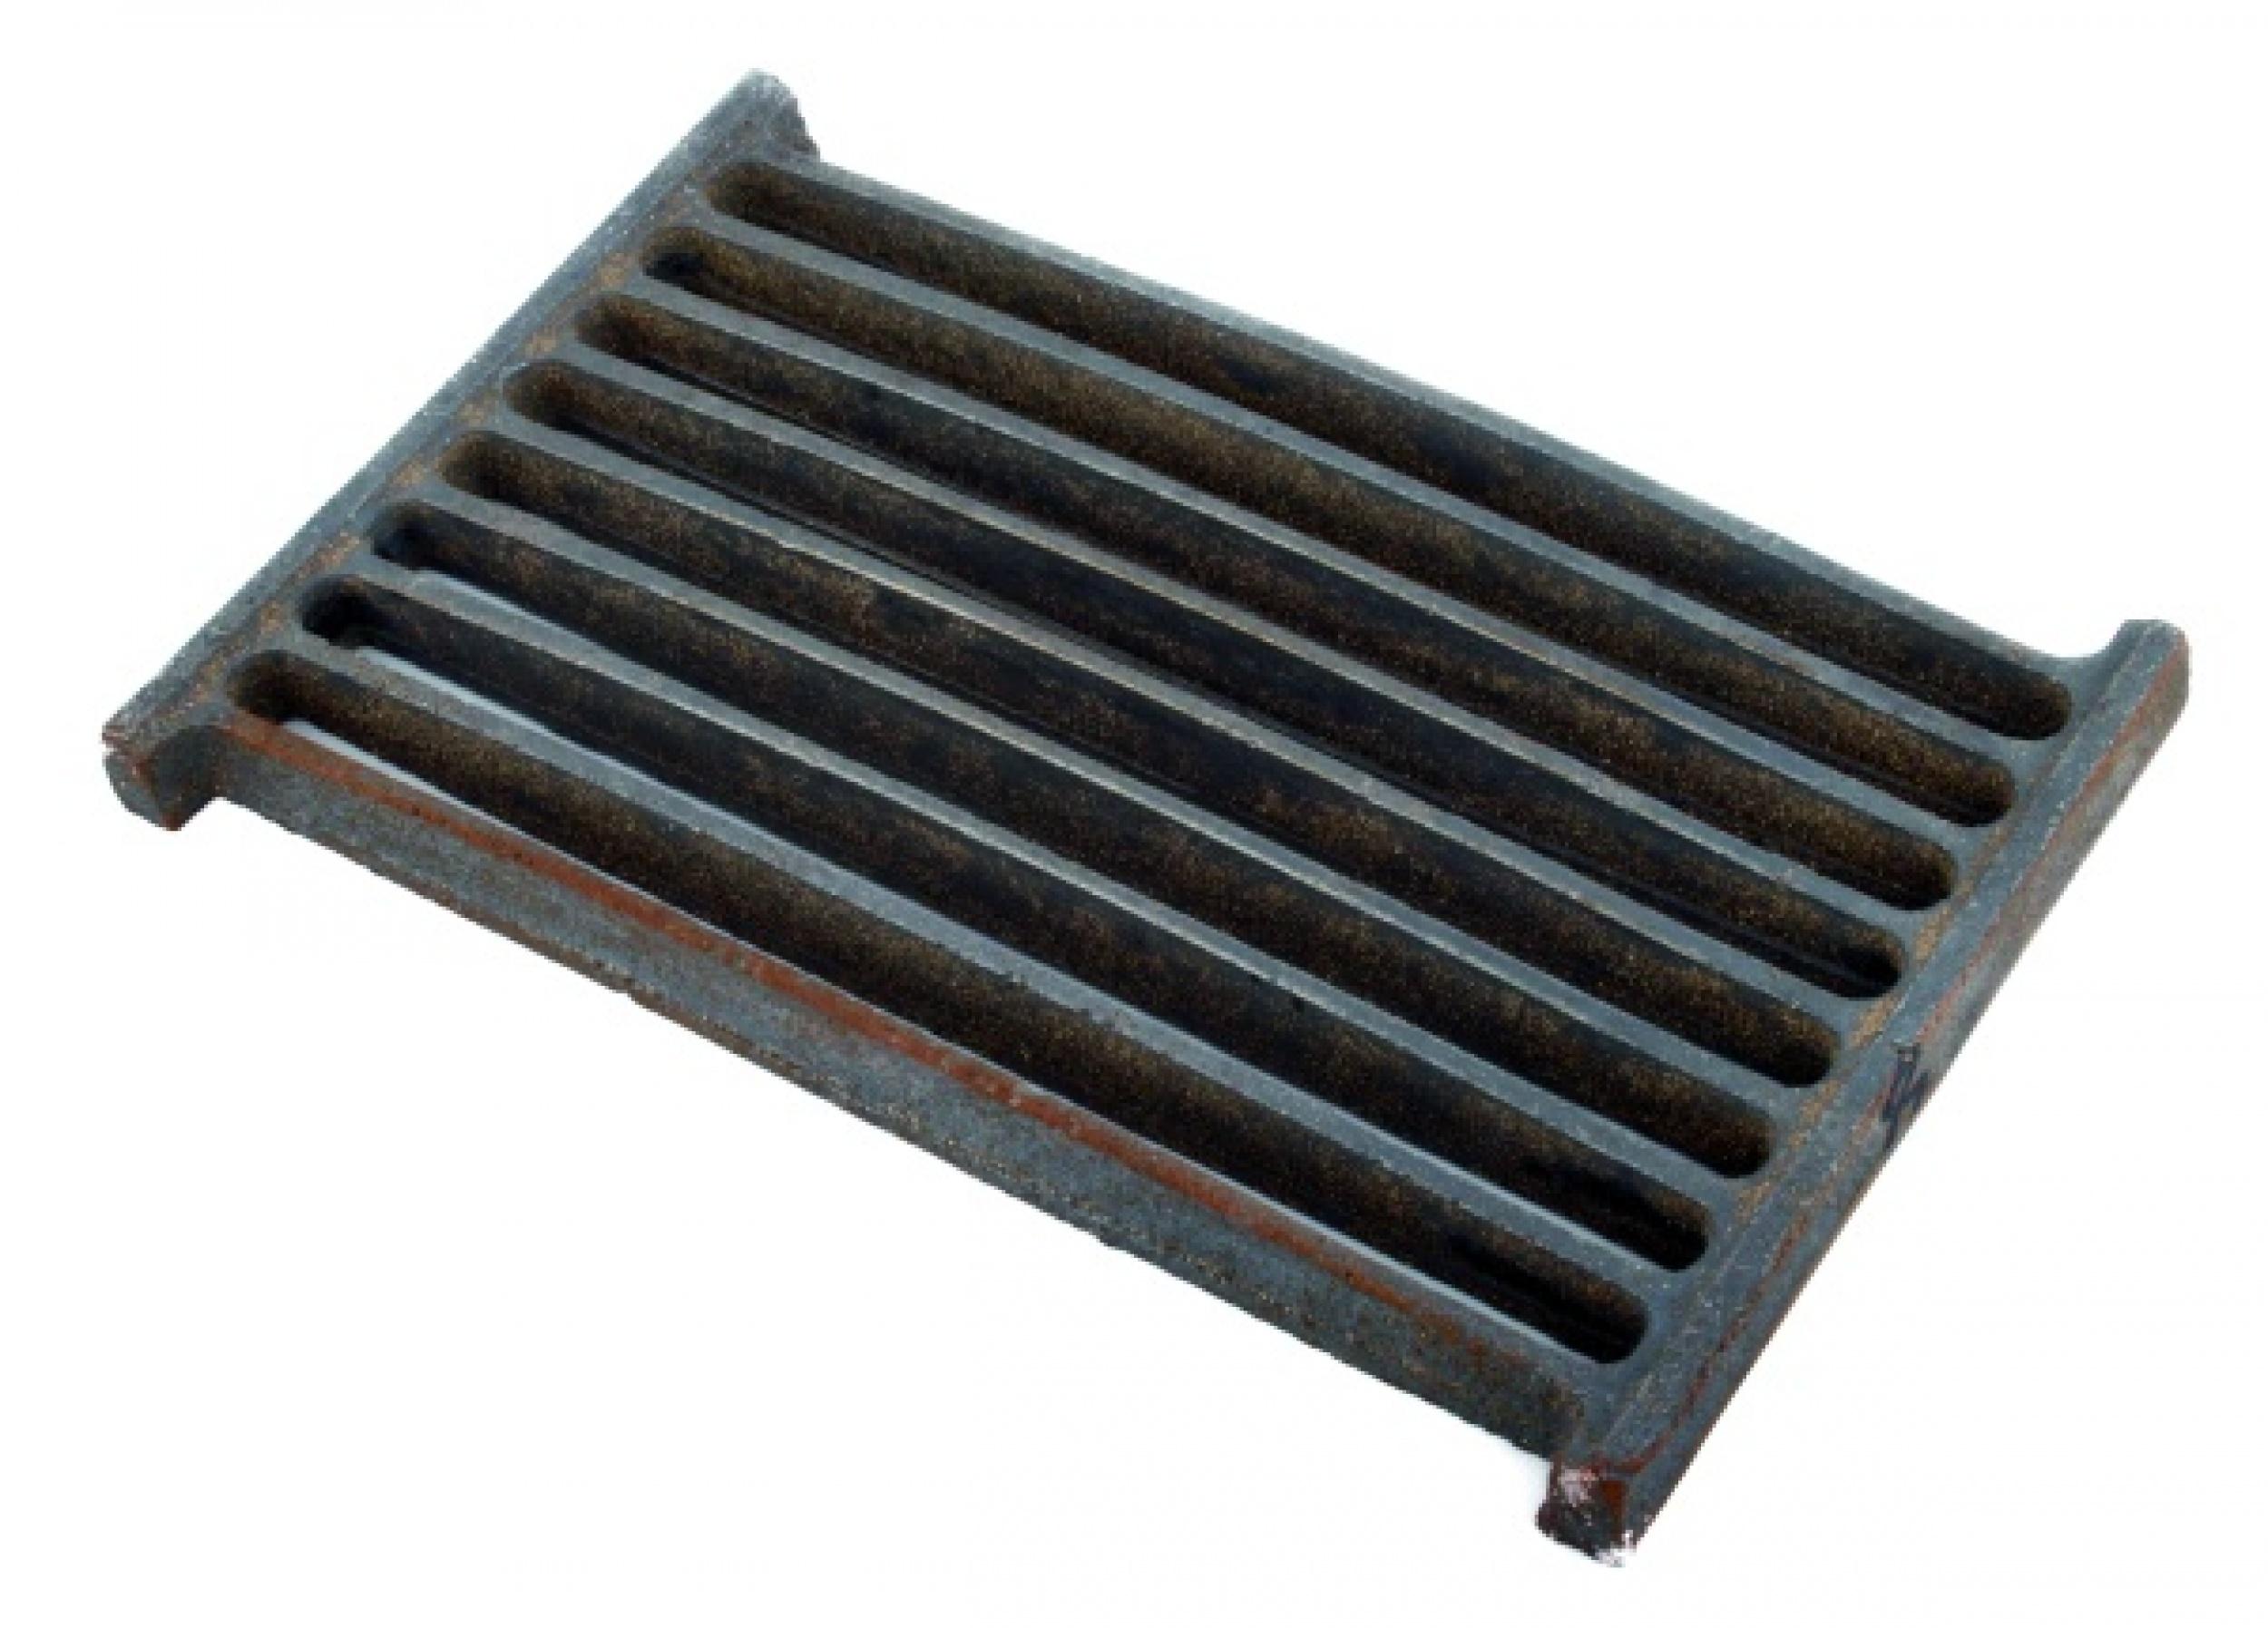 Zariadenie železa na pečenie 30 x 20,5 cm č. 7 Robzyszto